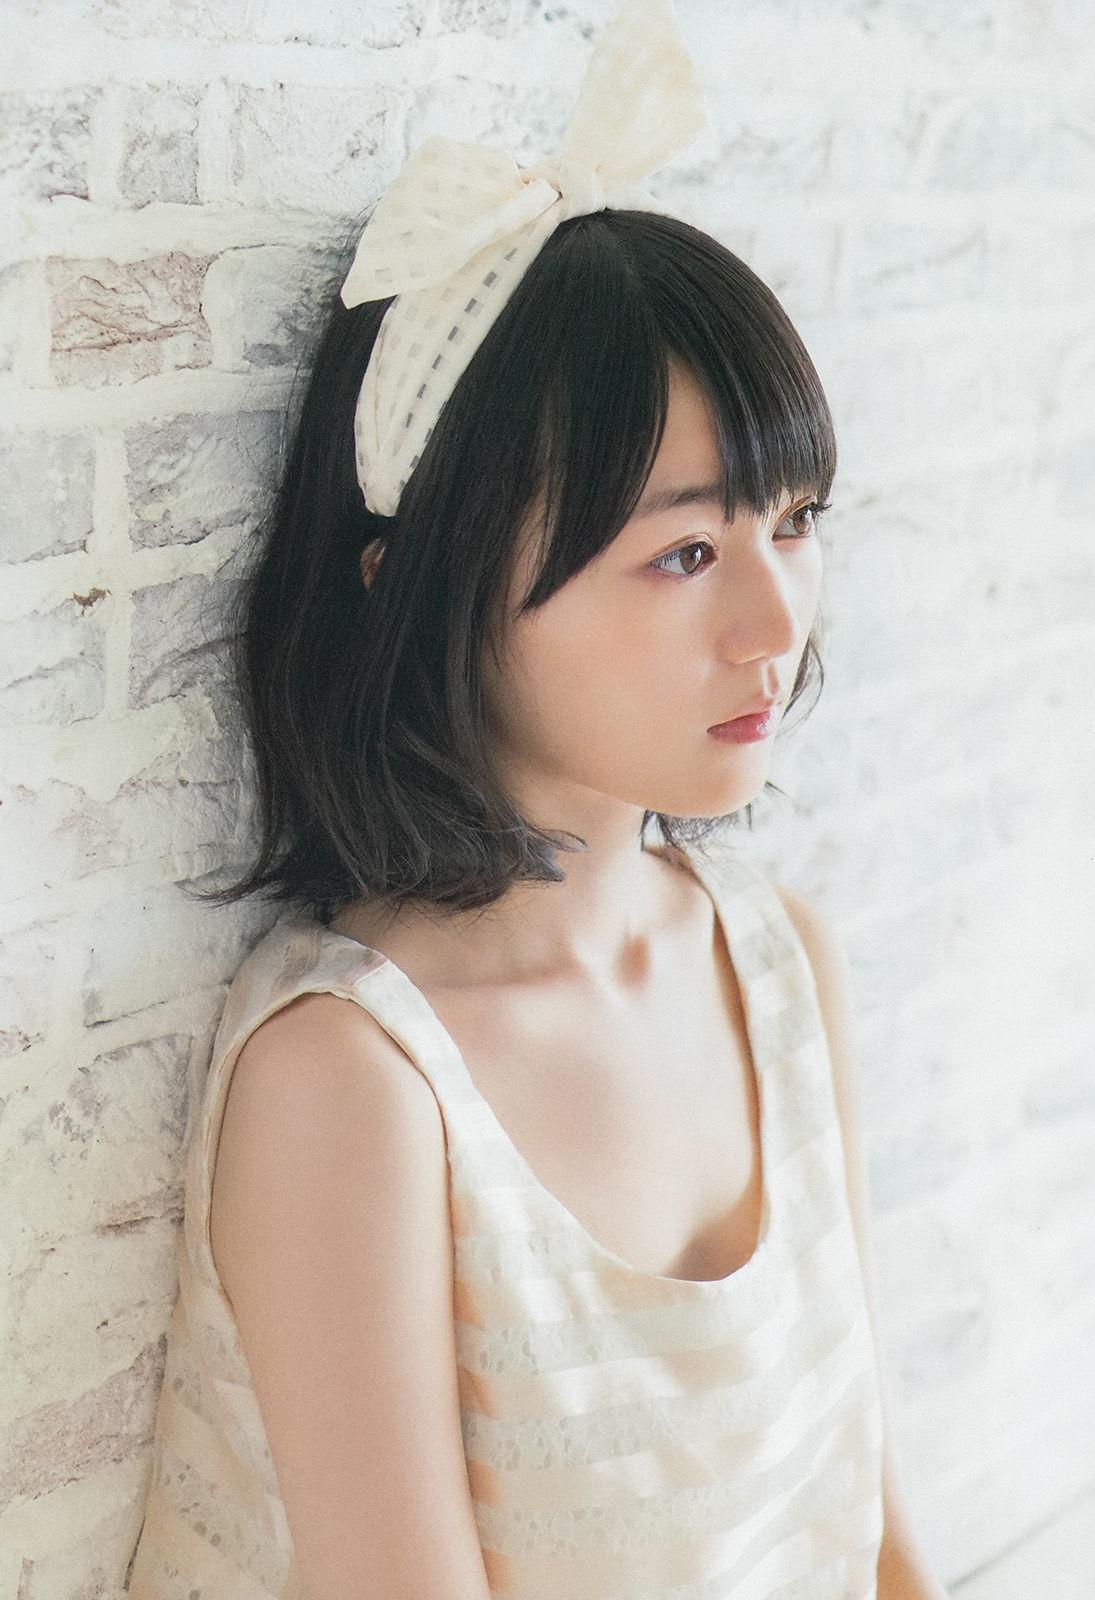 生田絵梨花 画像 48